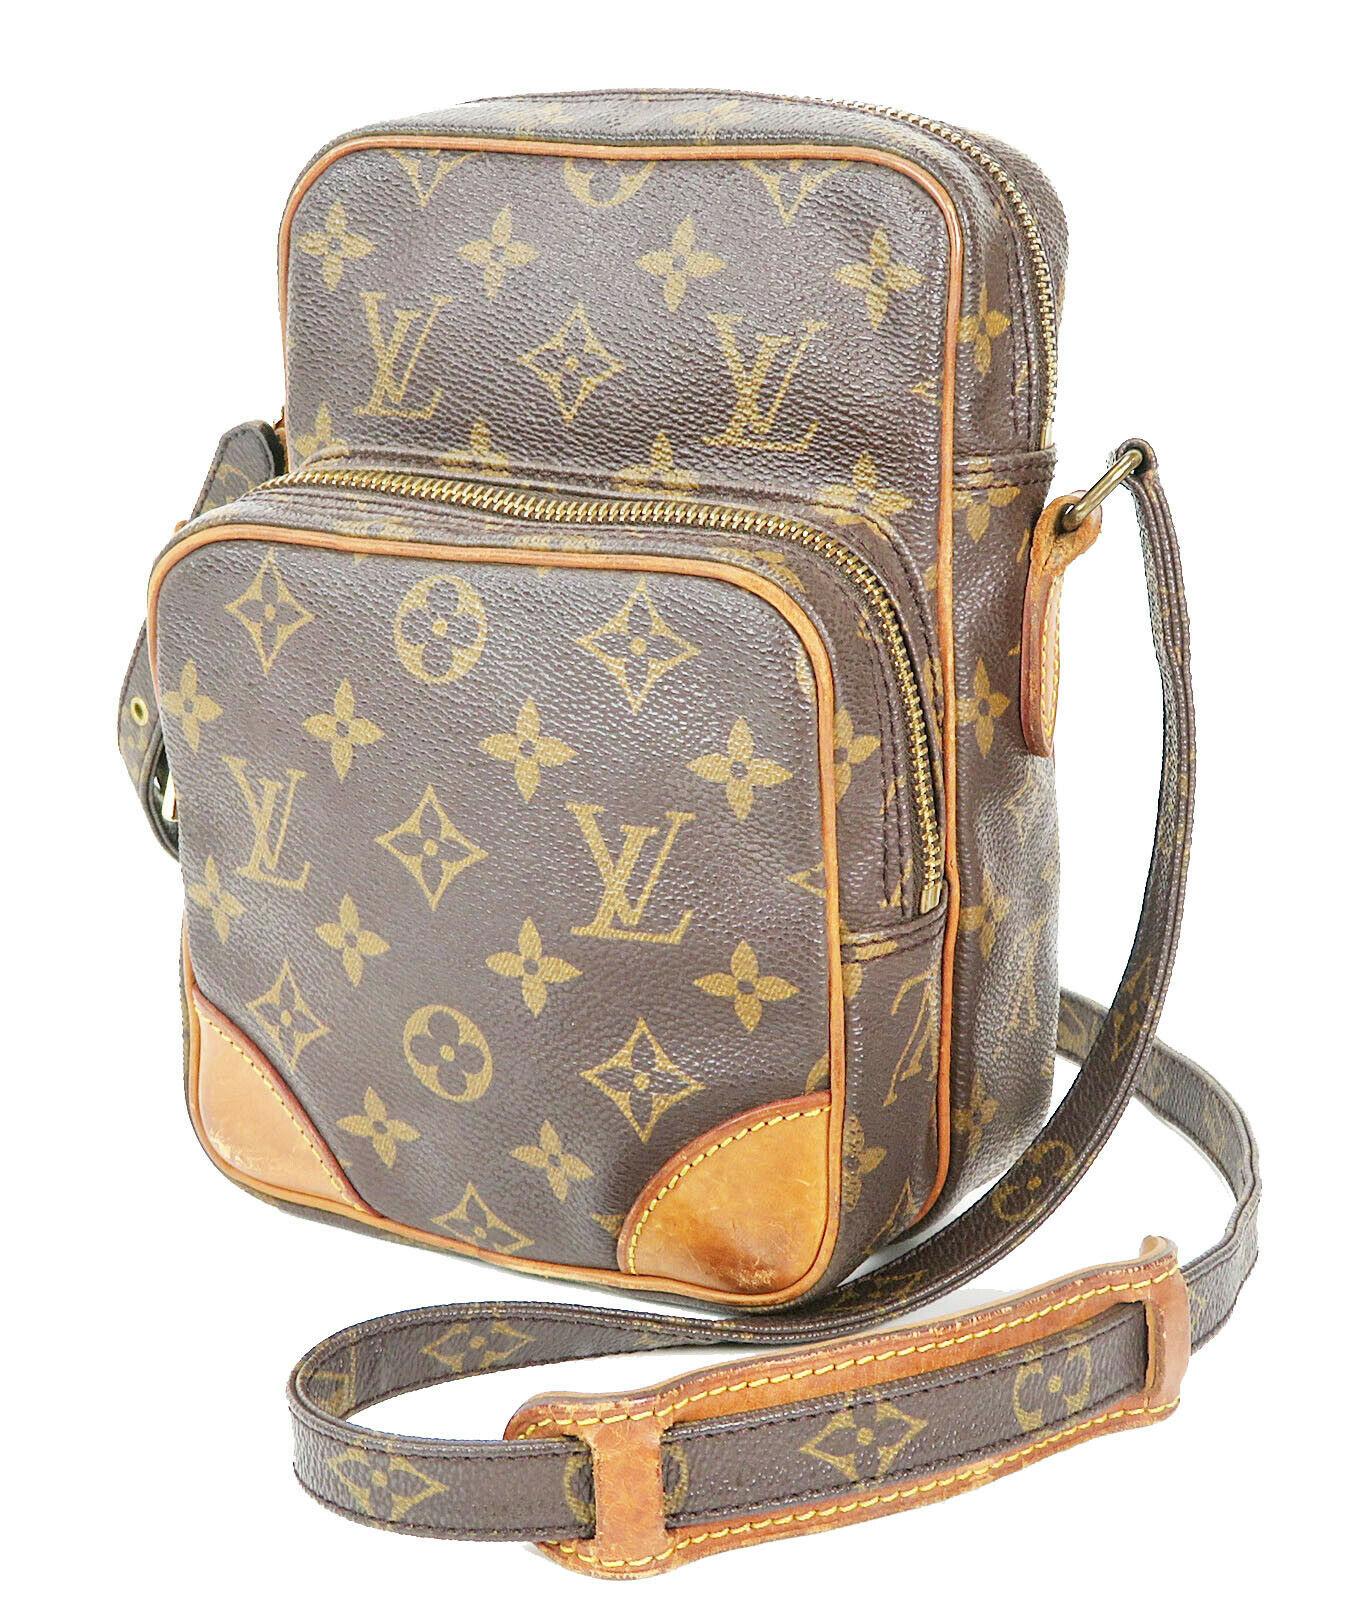 Authentic LOUIS VUITTON Amazone Monogram Cross body Shoulder Bag Purse #34636